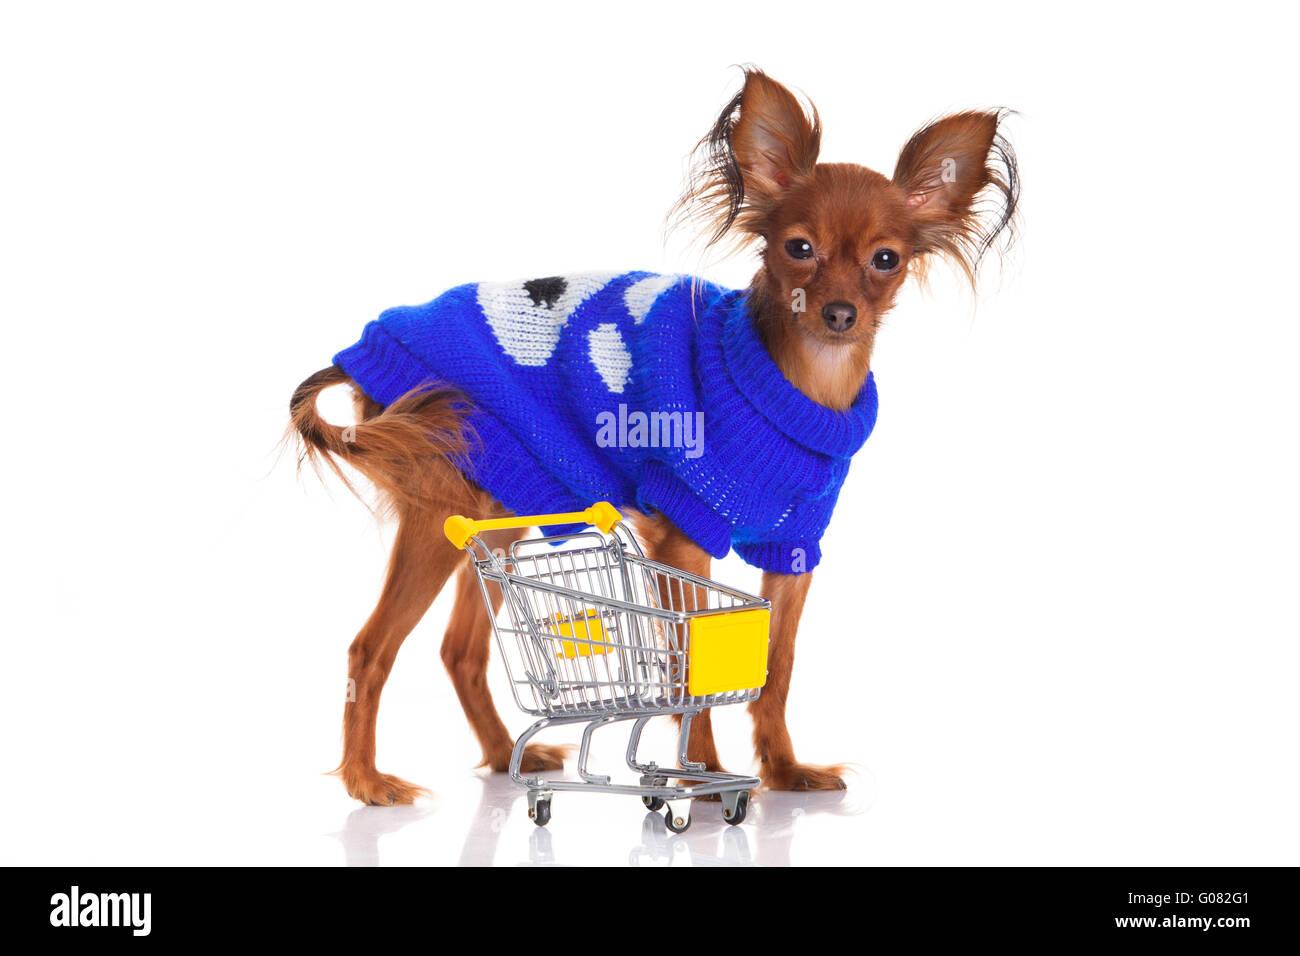 Toy Terrier mit Warenkorb isoliert auf weiss. Stockfoto